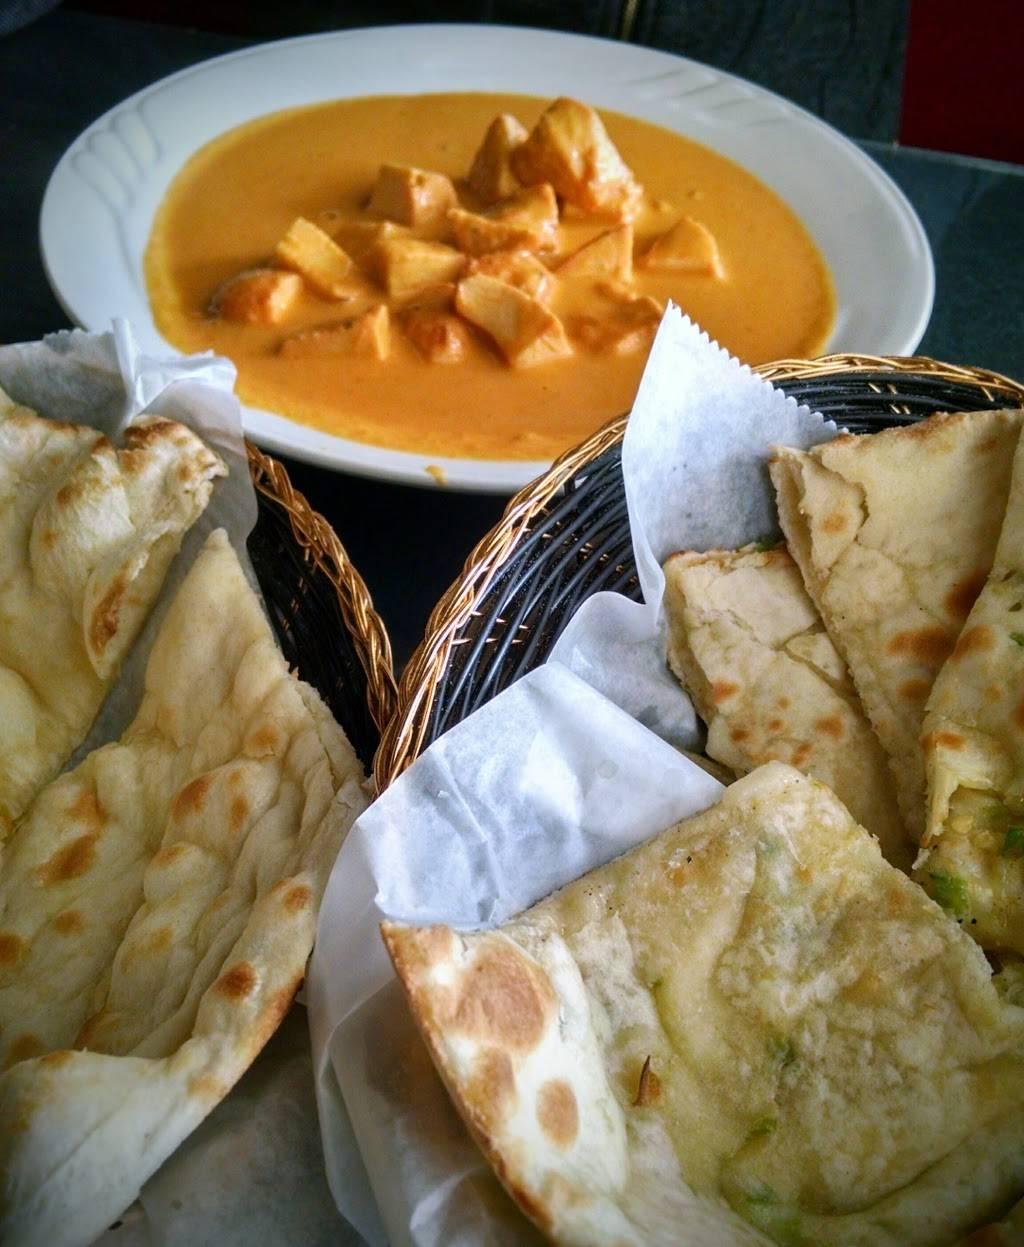 Mirch Masala | restaurant | 5047 N Academy Blvd, Colorado Springs, CO 80918, USA | 7195990003 OR +1 719-599-0003